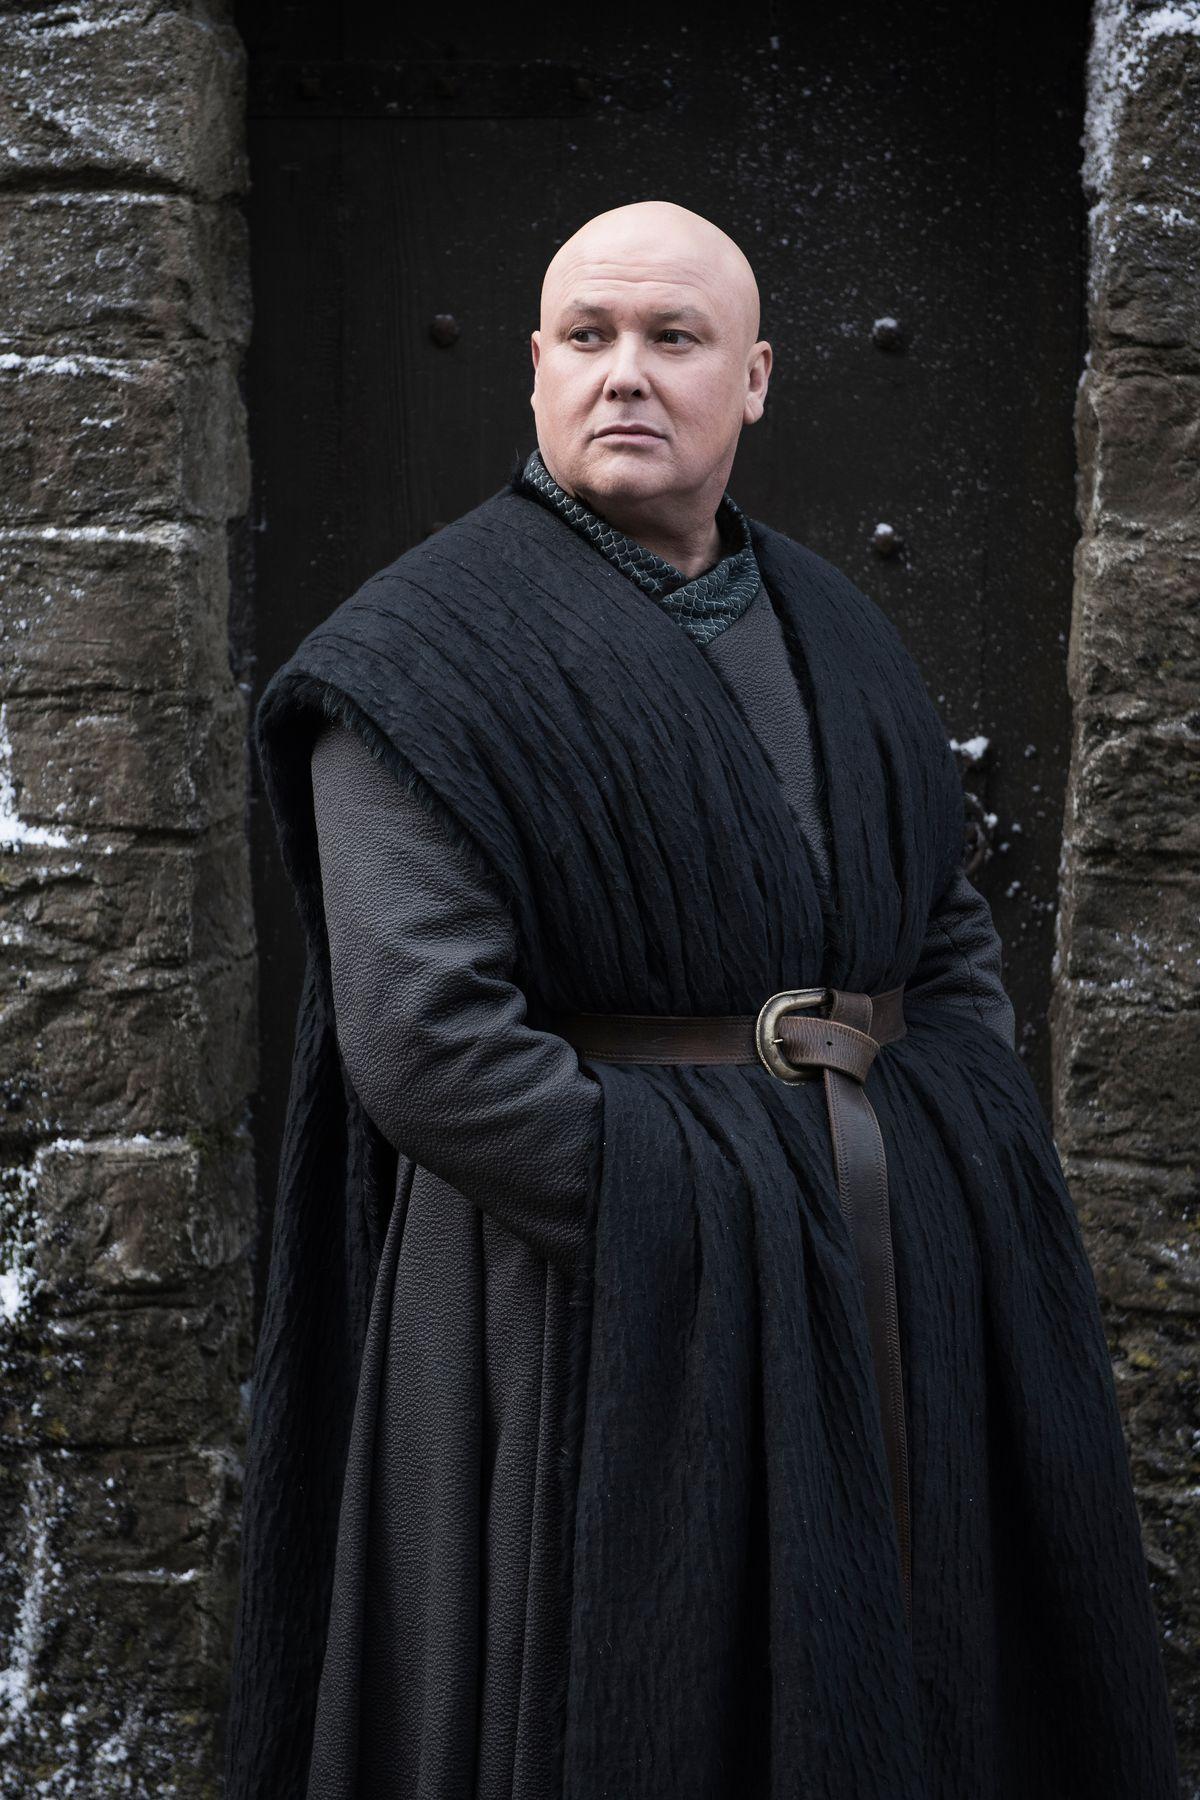 Game of Thrones season 8 - Varys